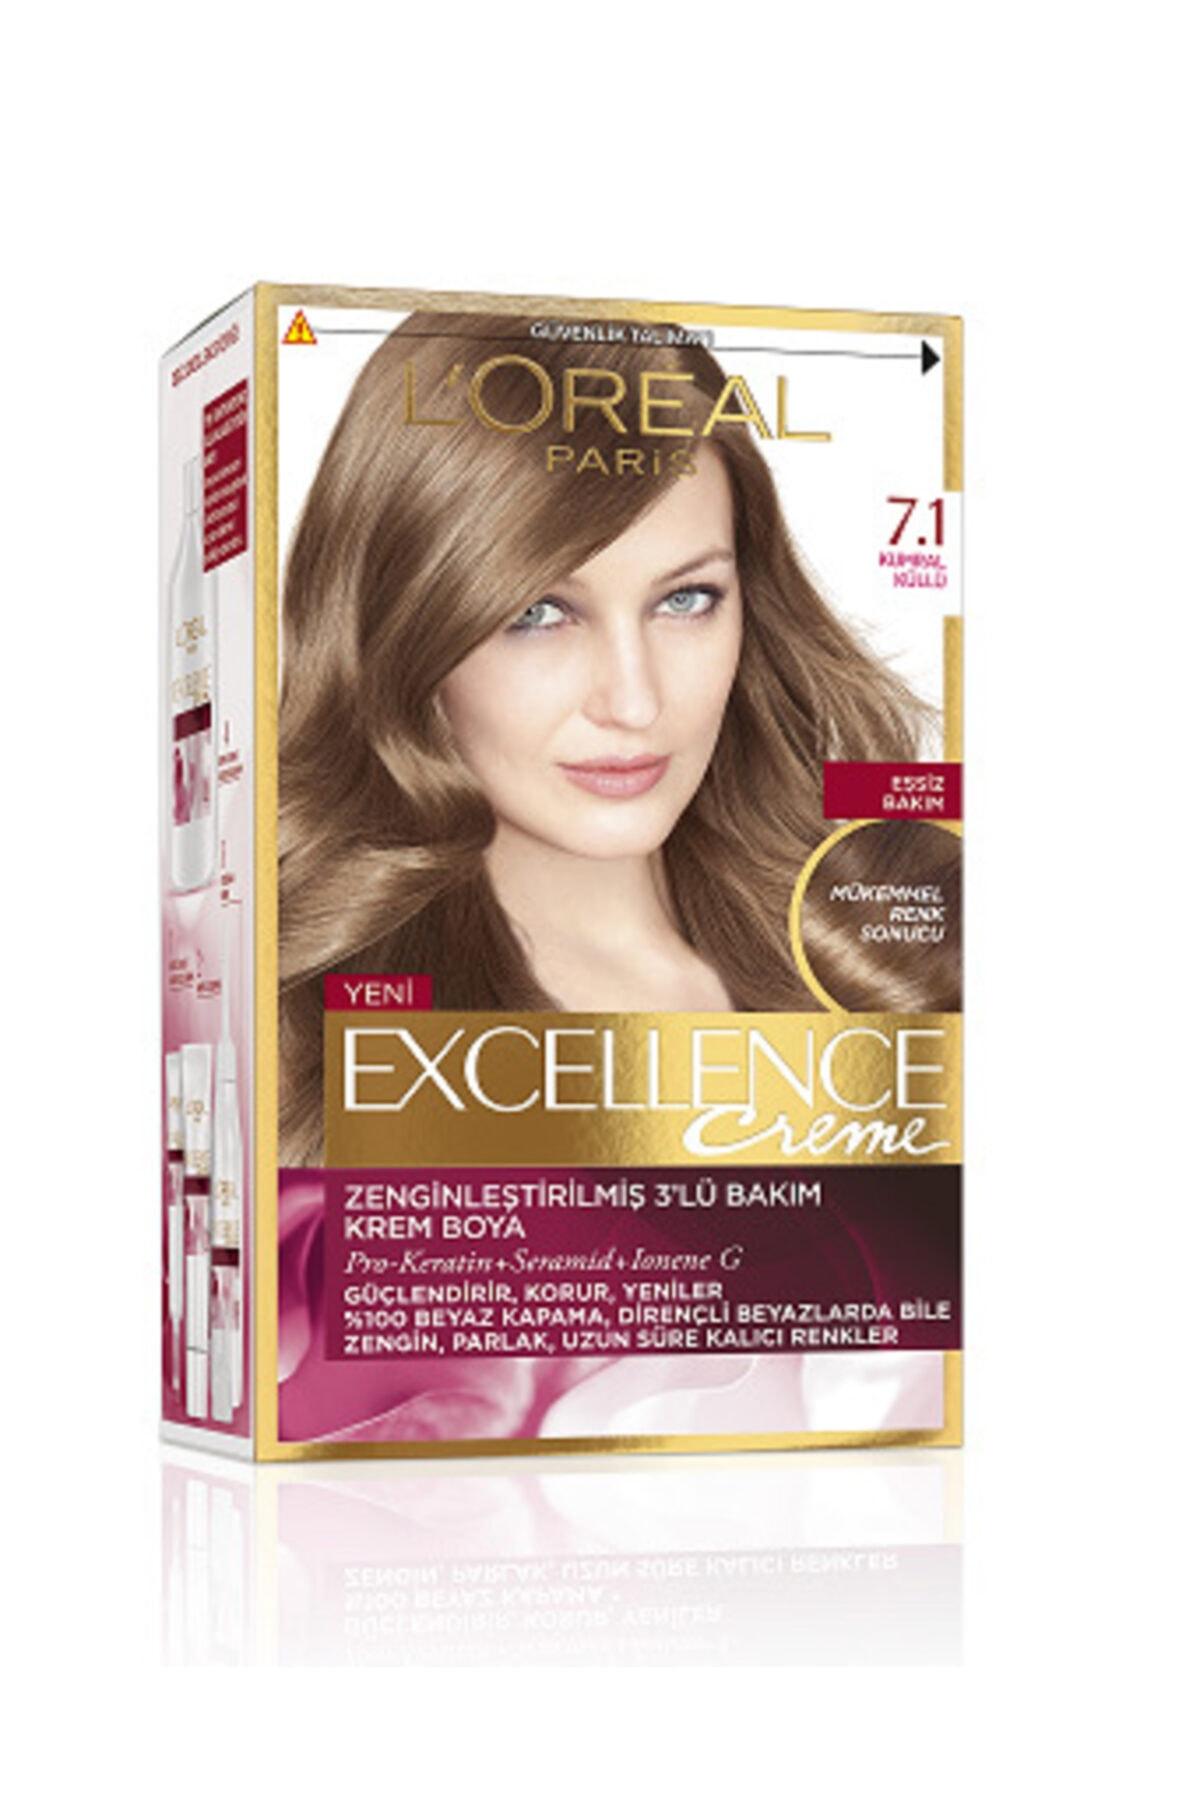 L'Oreal Paris Excellence Creme Saç Boyası 7.1 Kumral Küllü 1